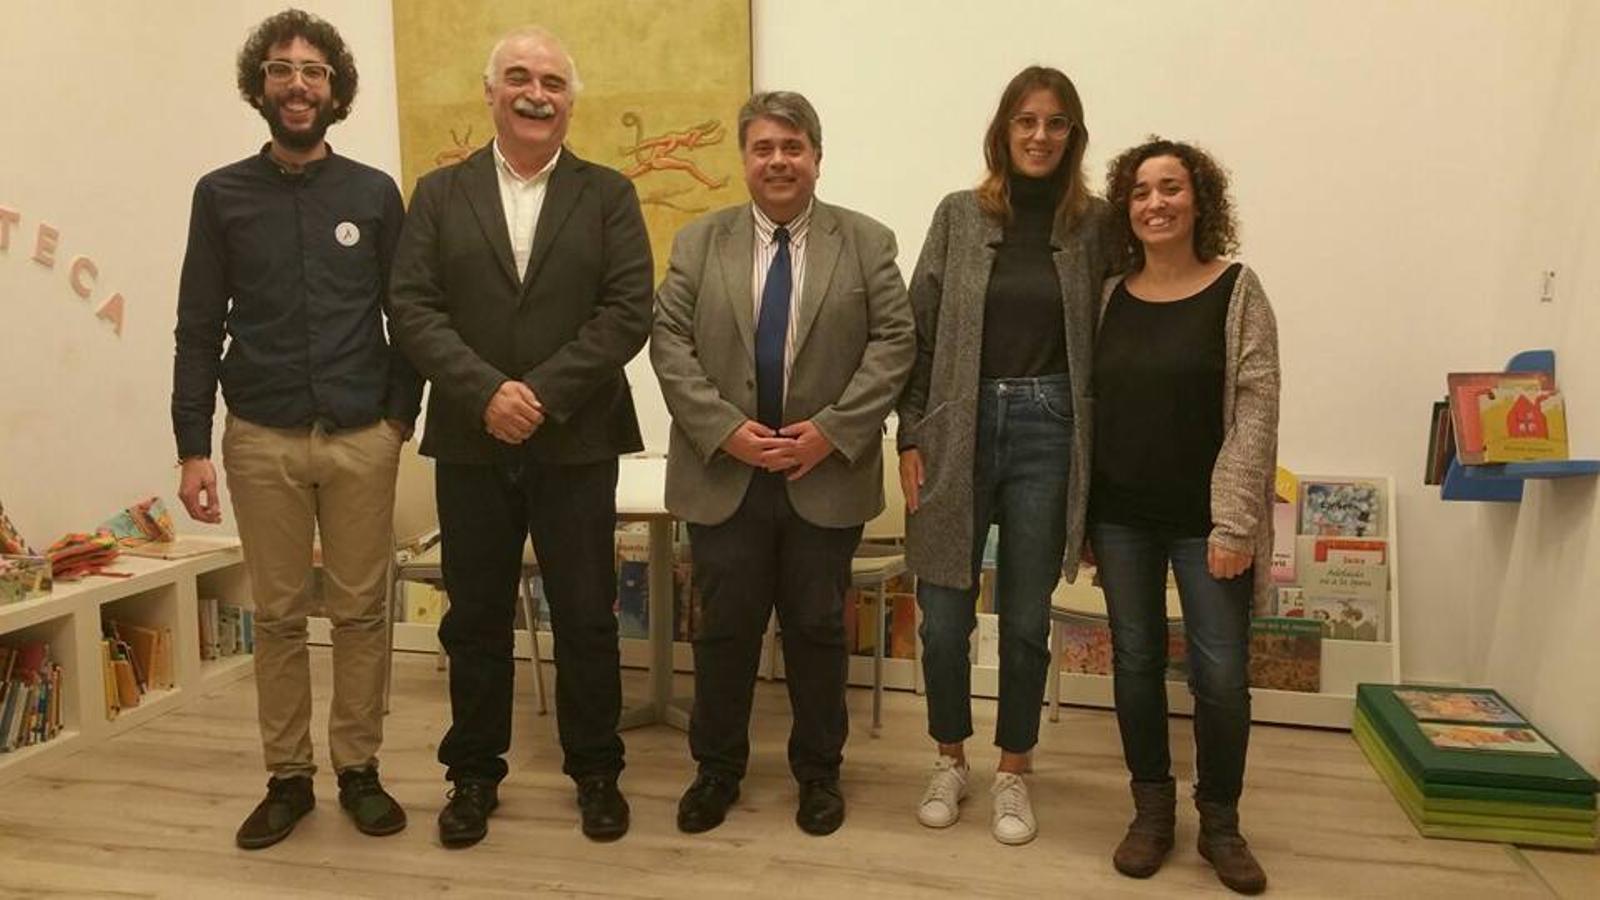 Joana Maria Comas i Manel Suárez amb els responsables de l'Ajuntament de sa Pobla i de l'editorial Lleonart Muntaner